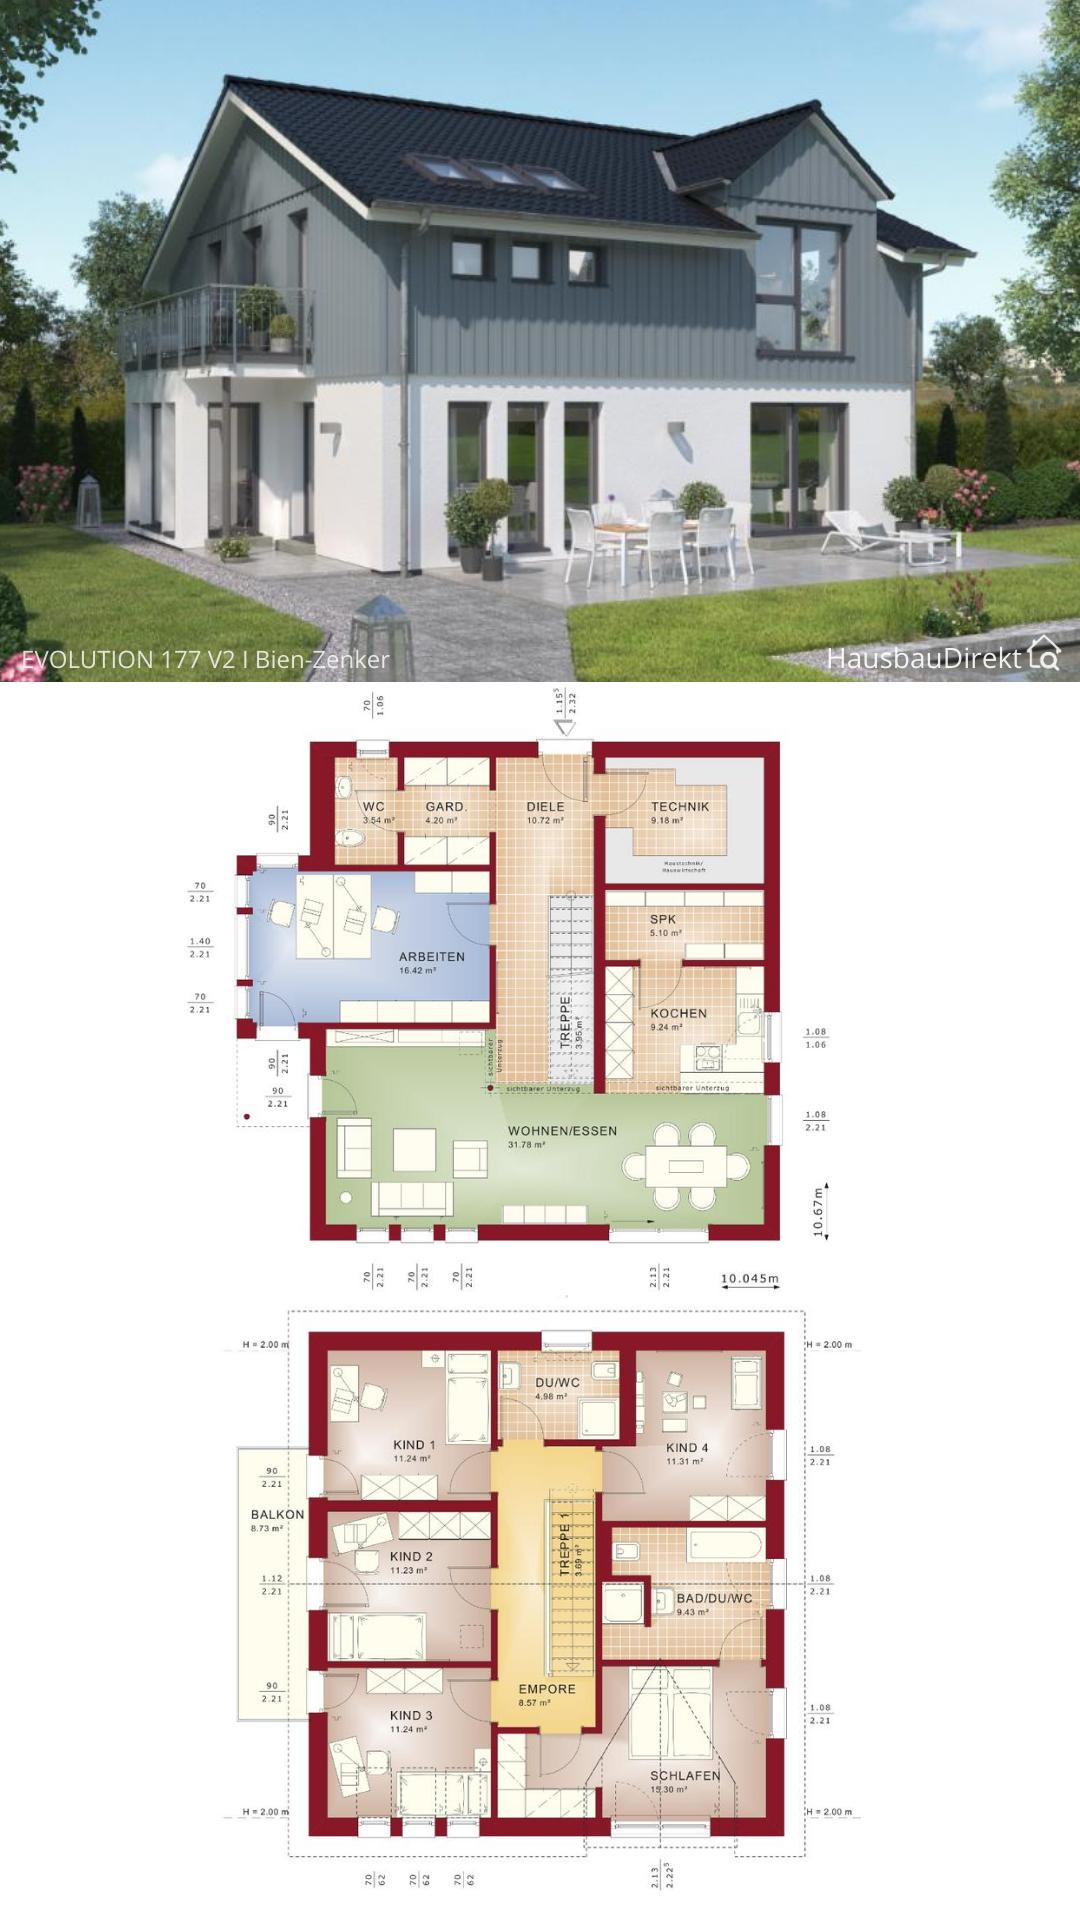 Modernes Haus im Landhausstil mit Satteldach & Holz Putz bauen, Einfamilienhaus Grundriss 180 qm